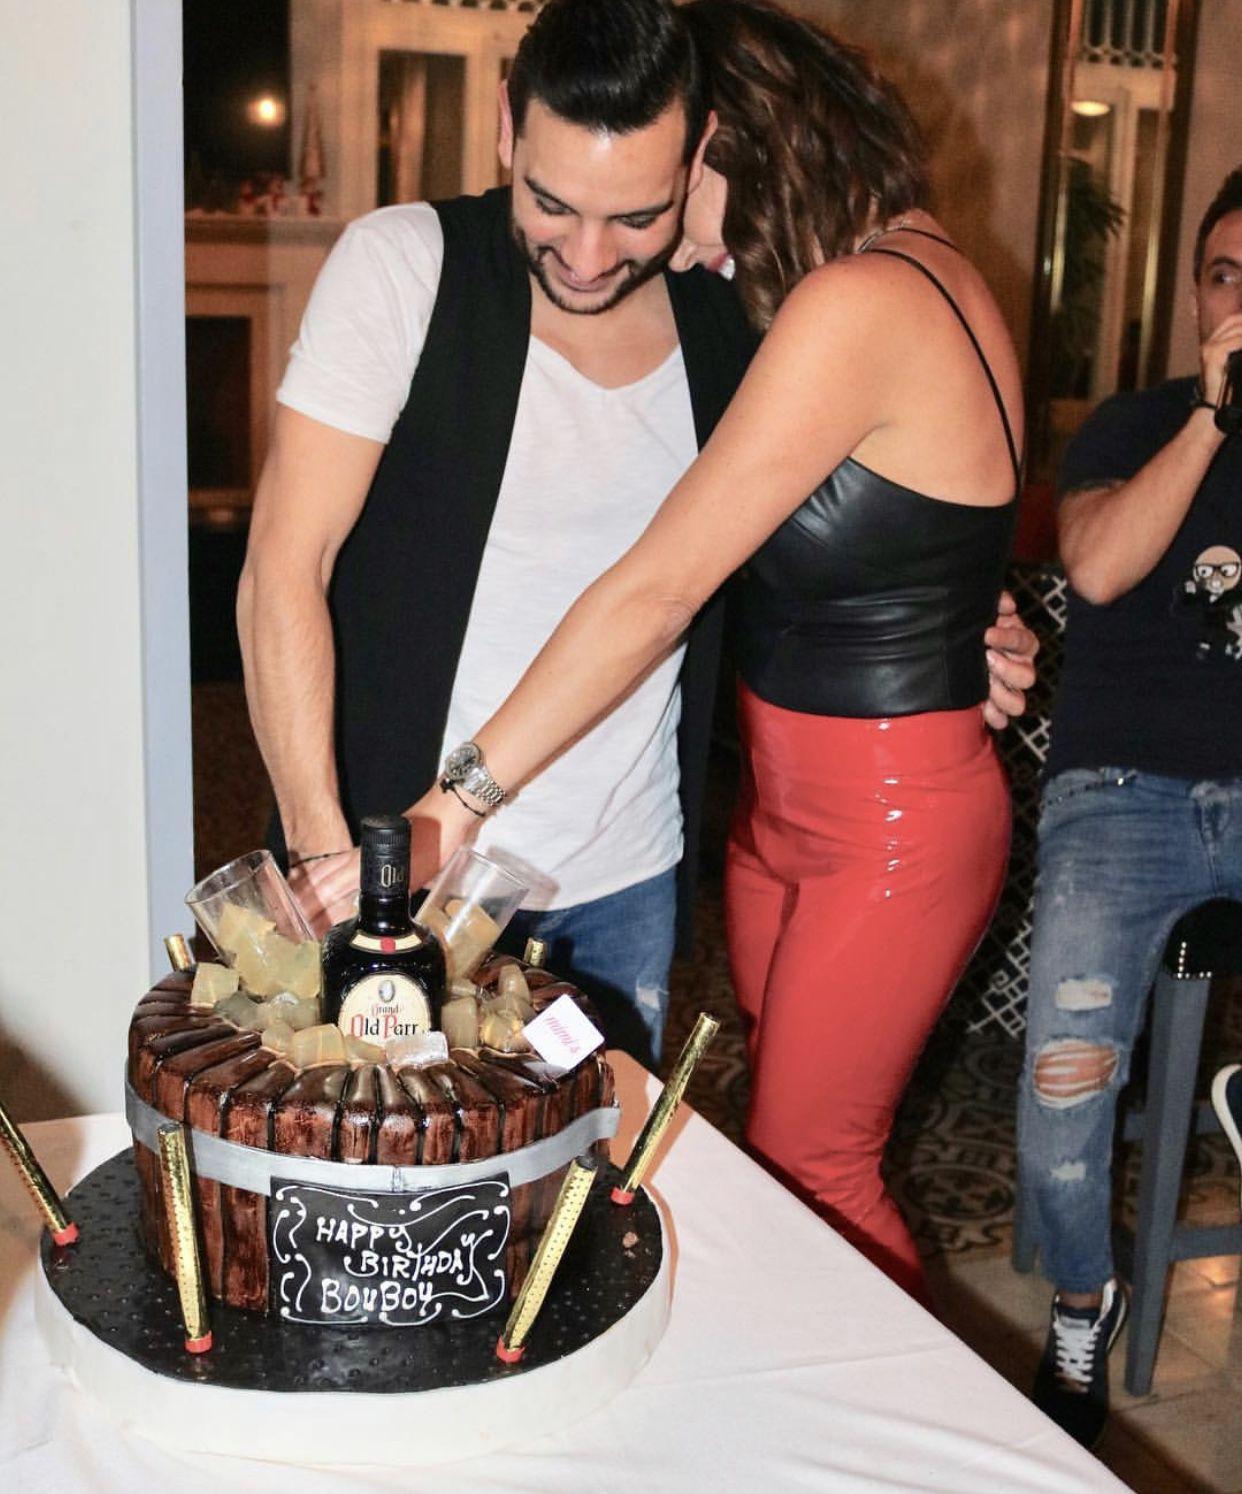 رولا شامية تحضن رودي (بوبو) وتحتفل بعيده